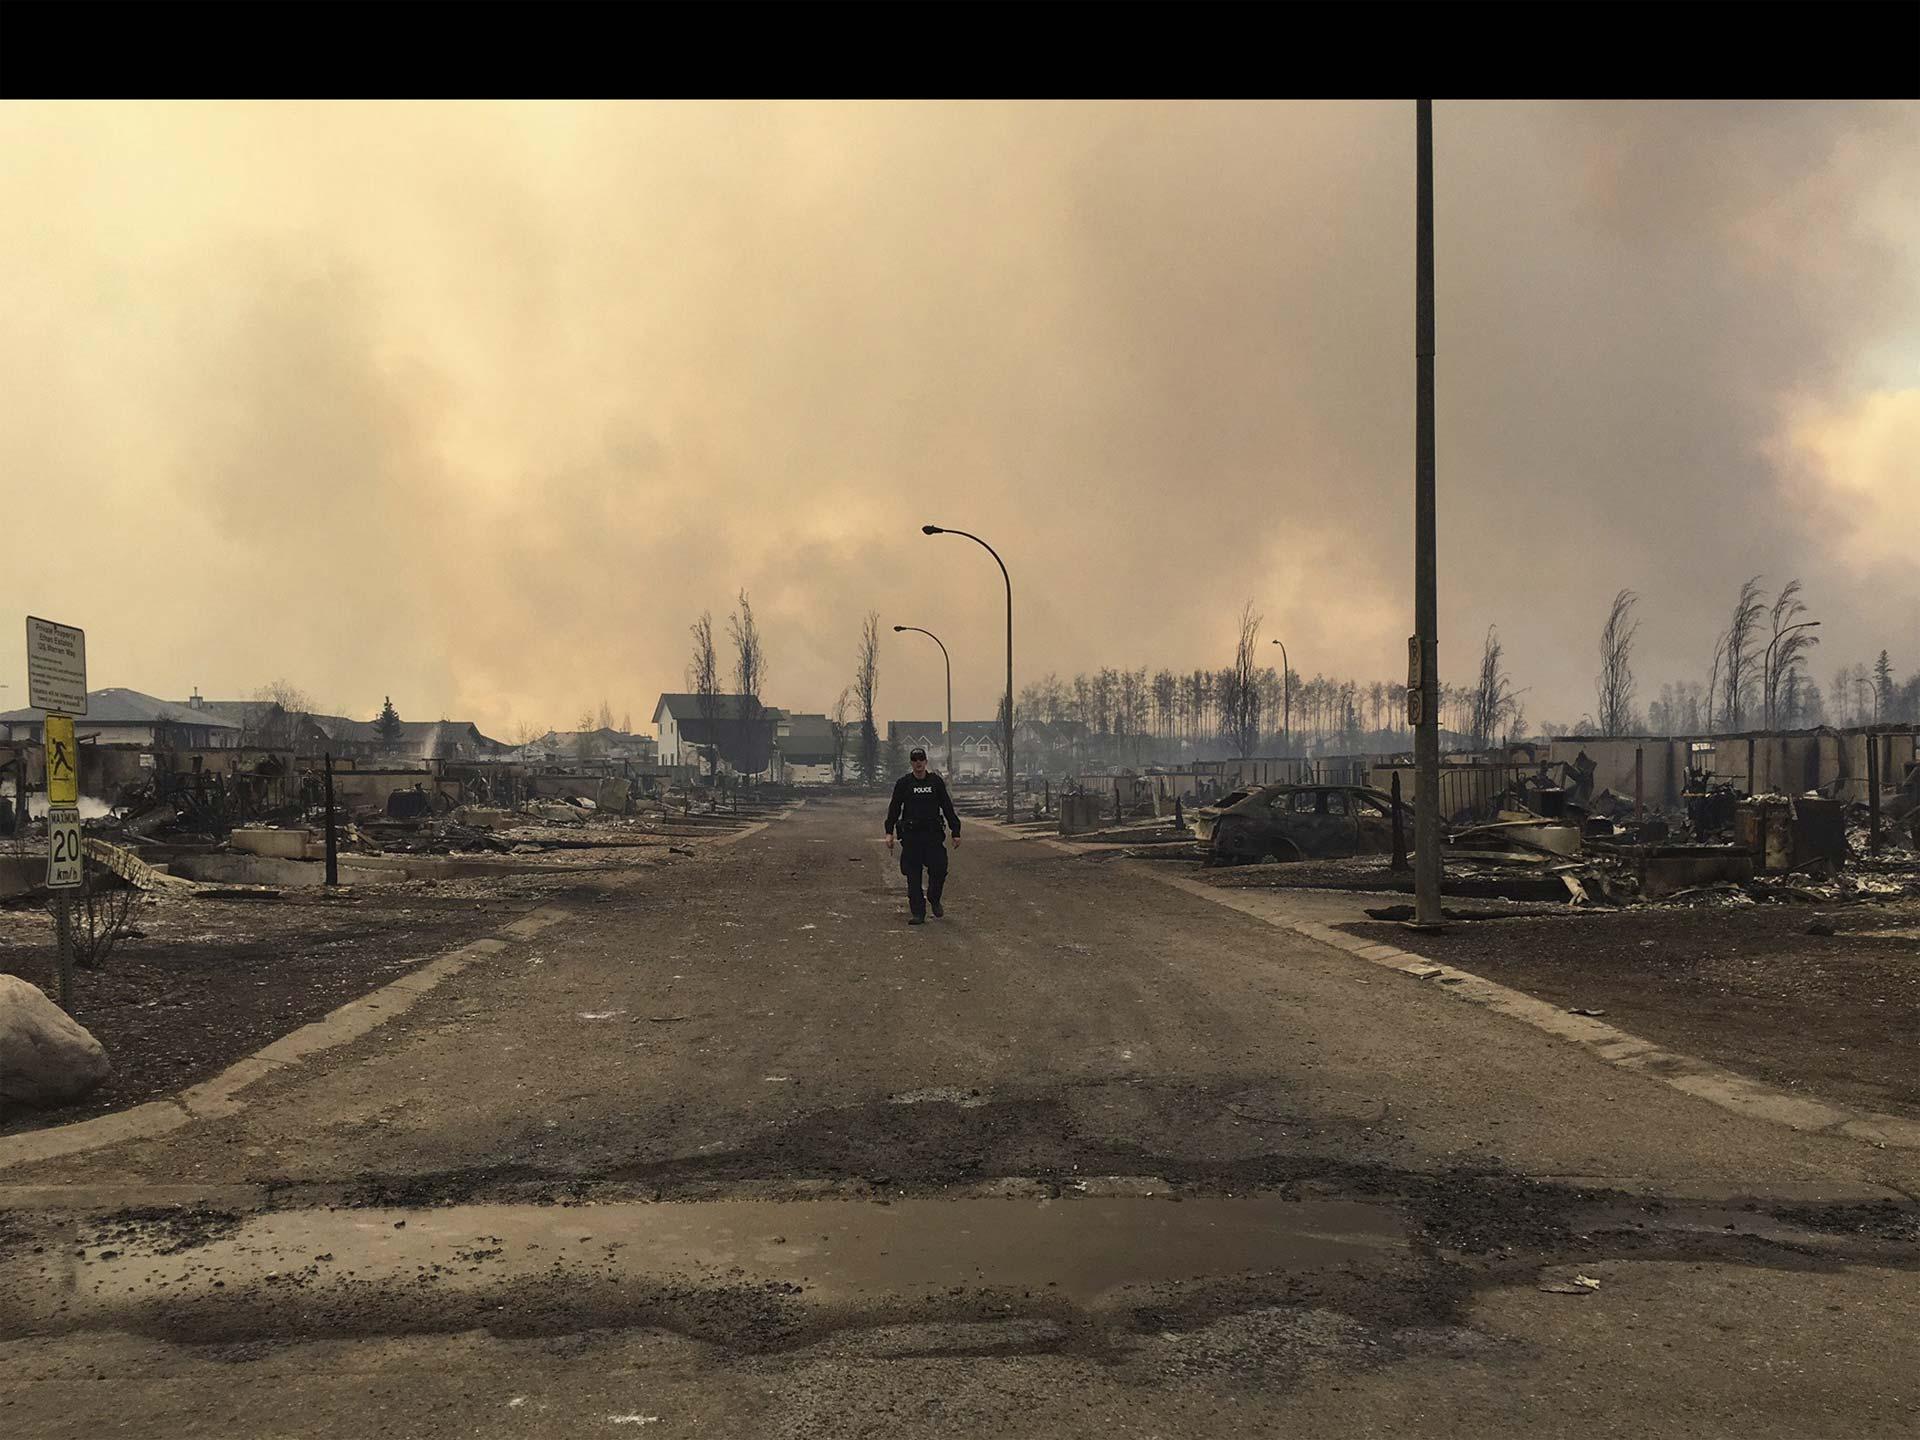 Los incendios forestales llevan días causando estragos en la comunidades de Fort McMurray: más de 80 mil personas han sido afectadas